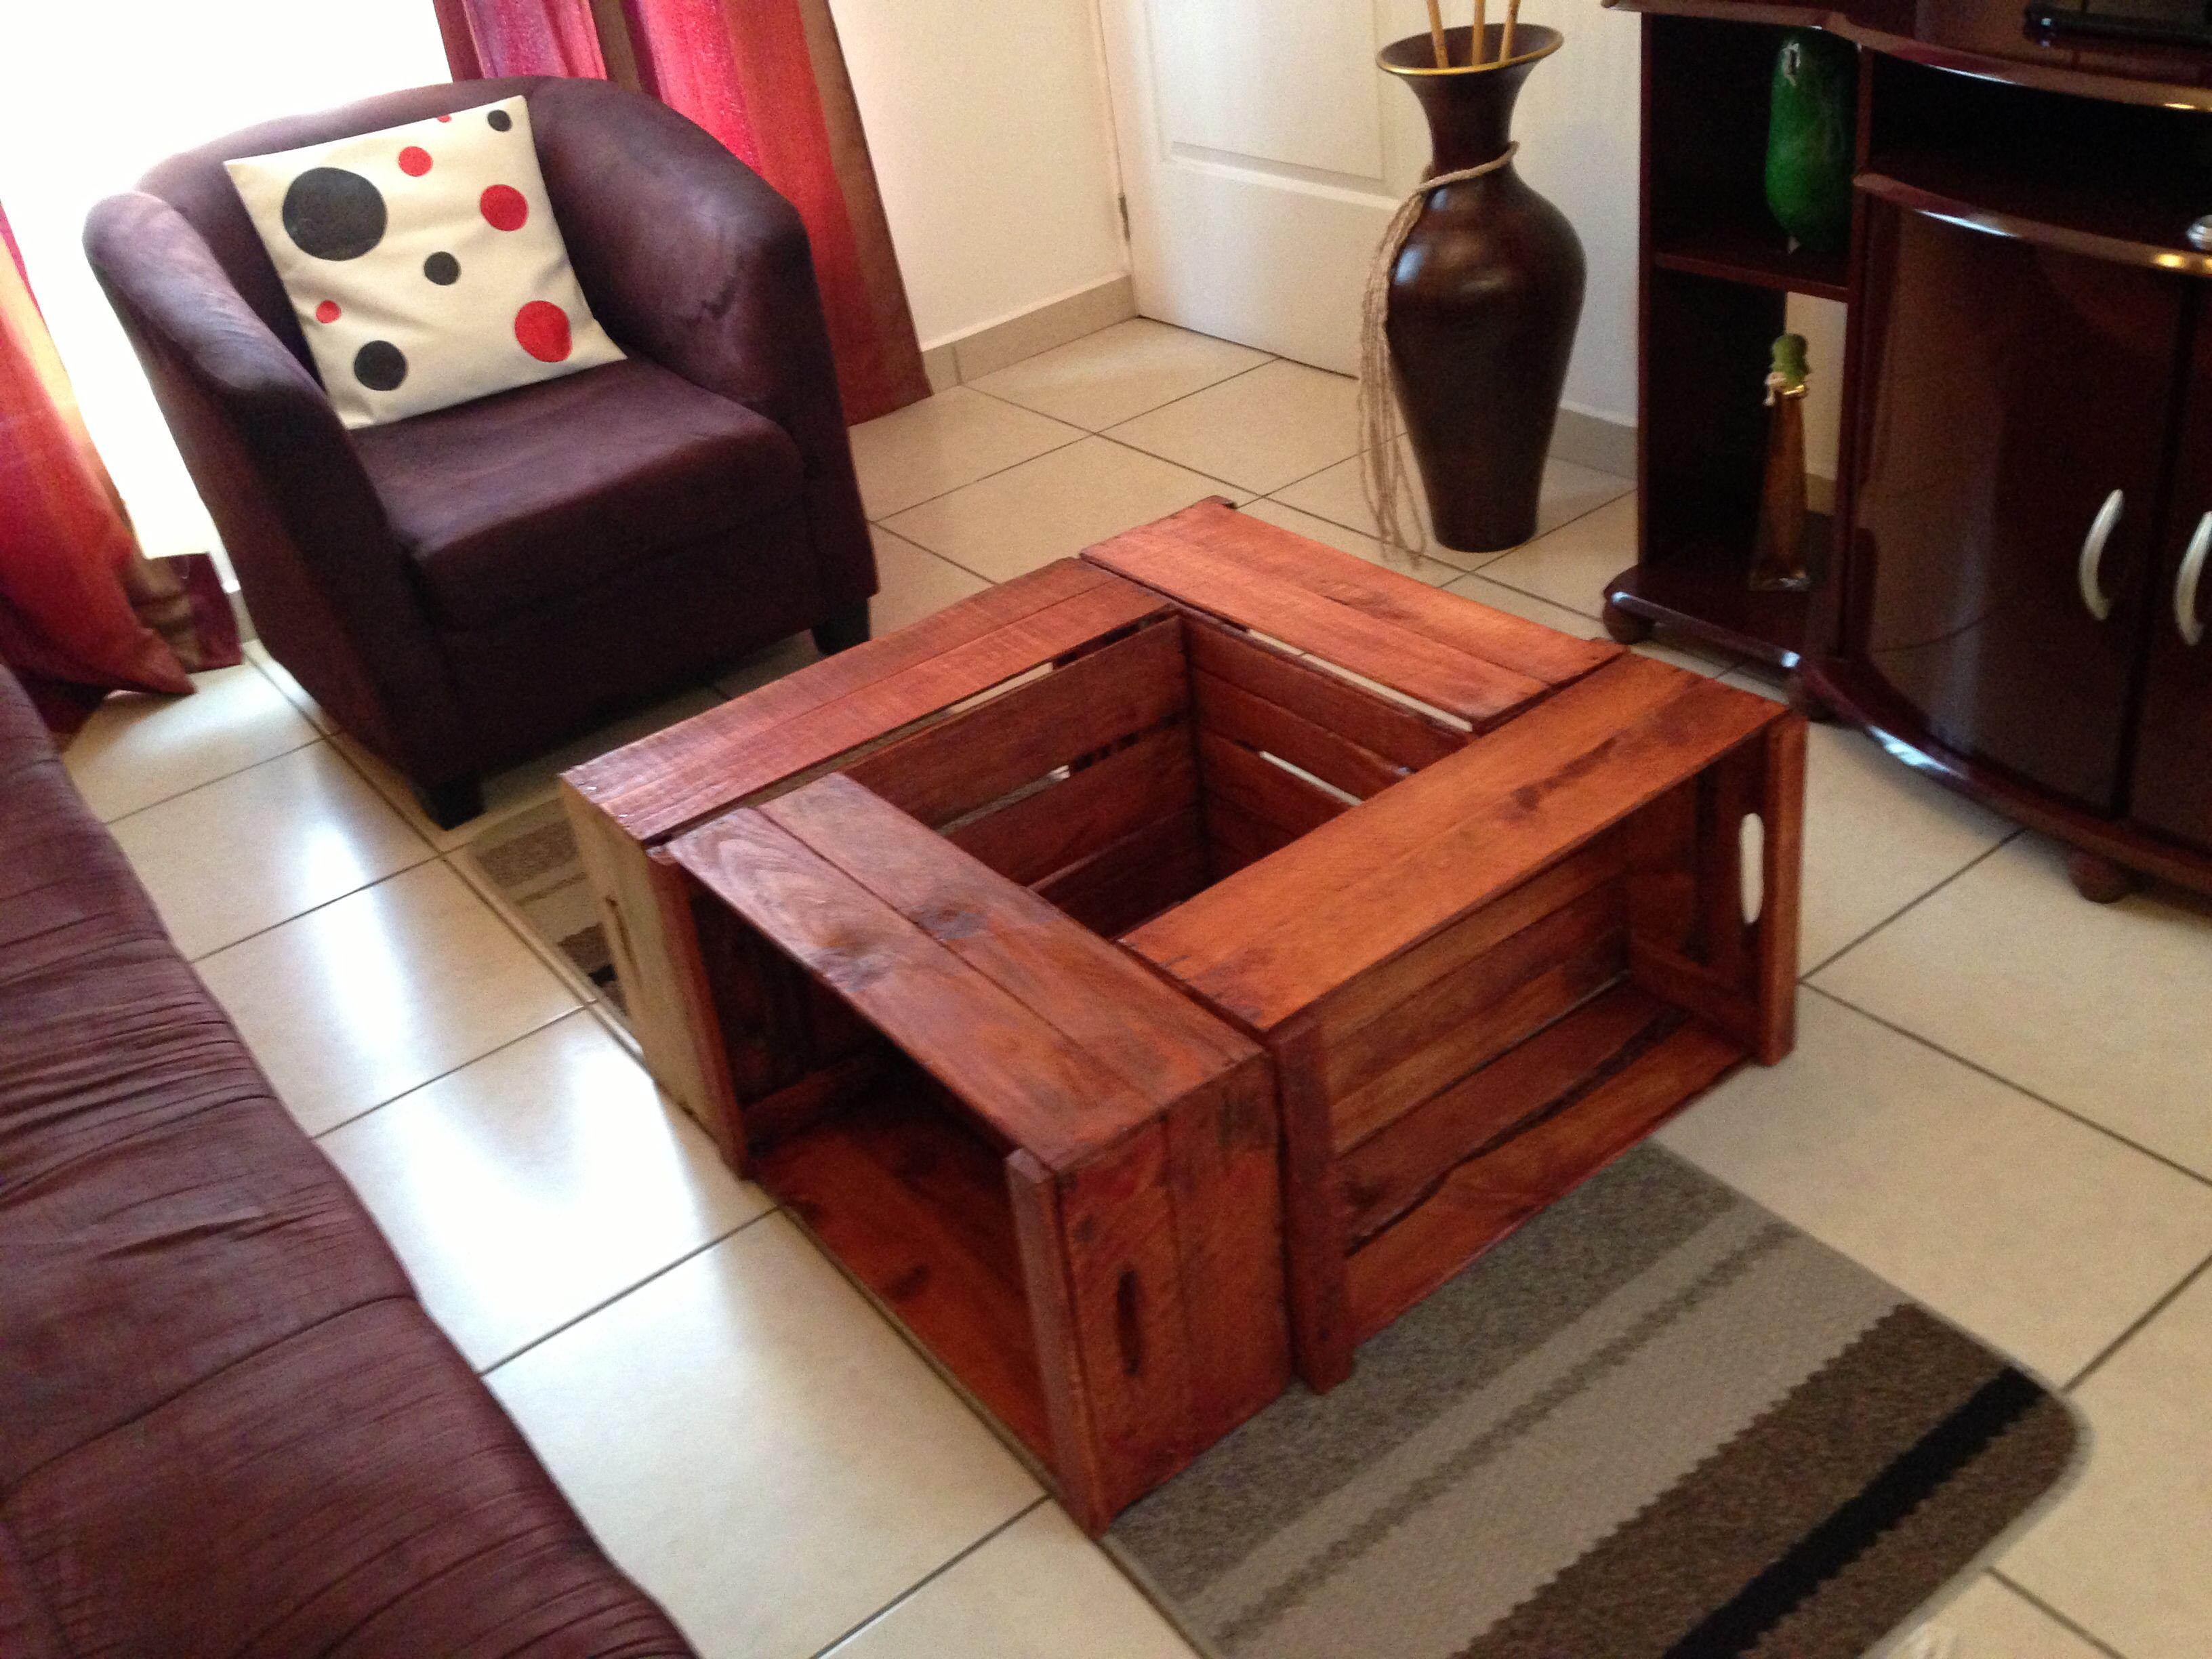 Mesa de centro hecha con cajas de verduras | patio | Pinterest ...